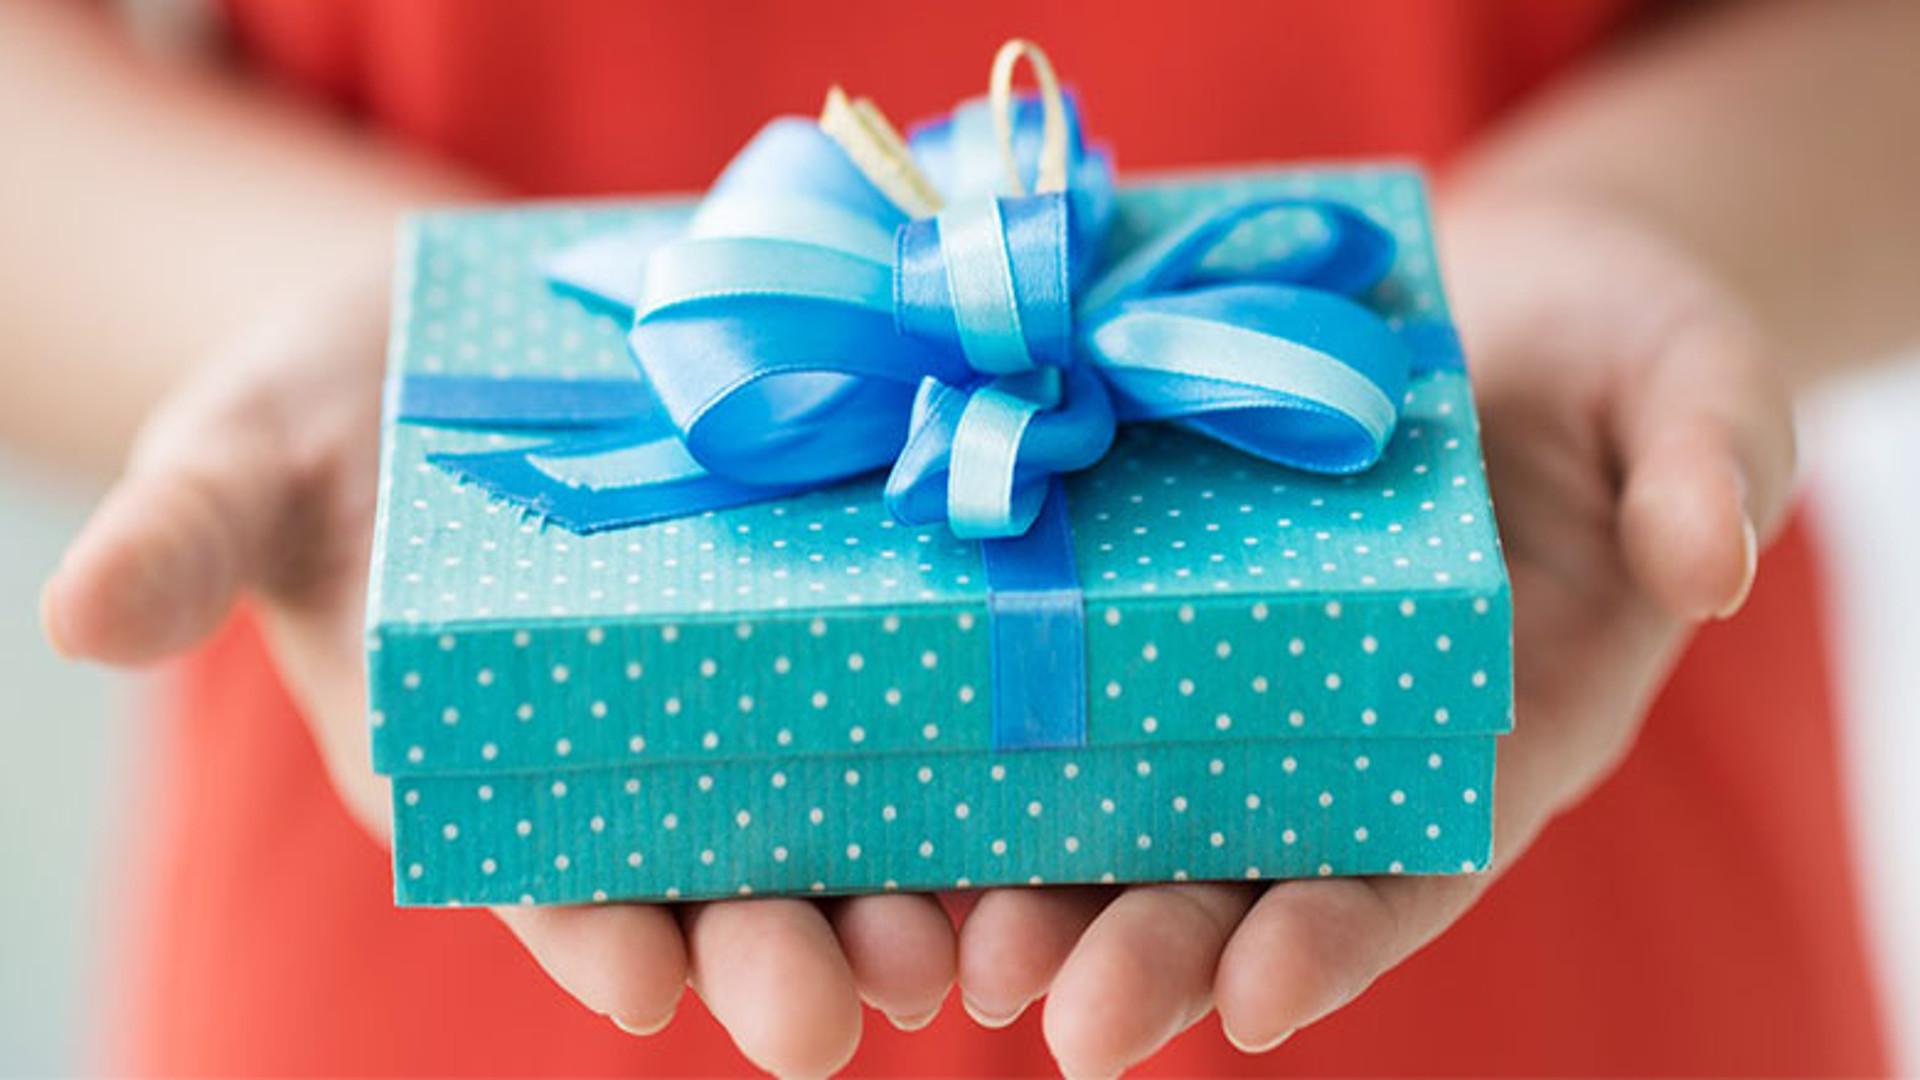 Детям дарят дорогие подарки 5